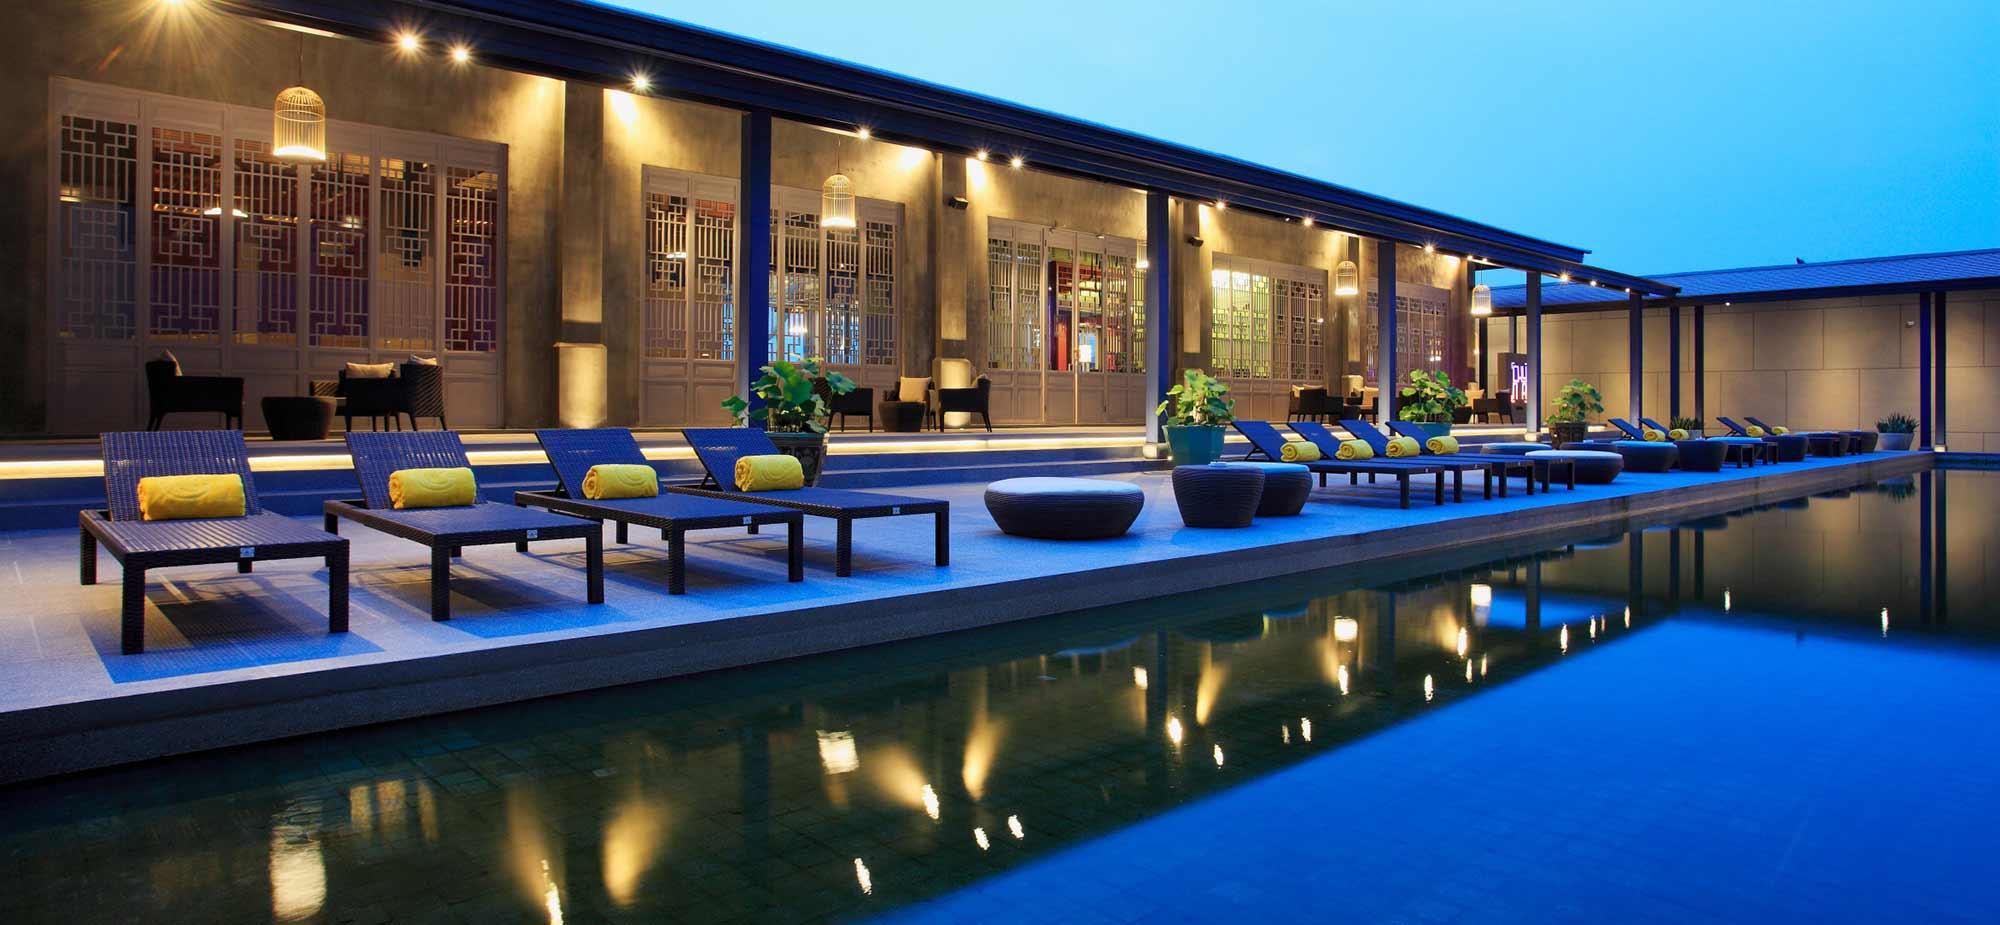 Prime hotel central station bangkok for Hotel bangkok